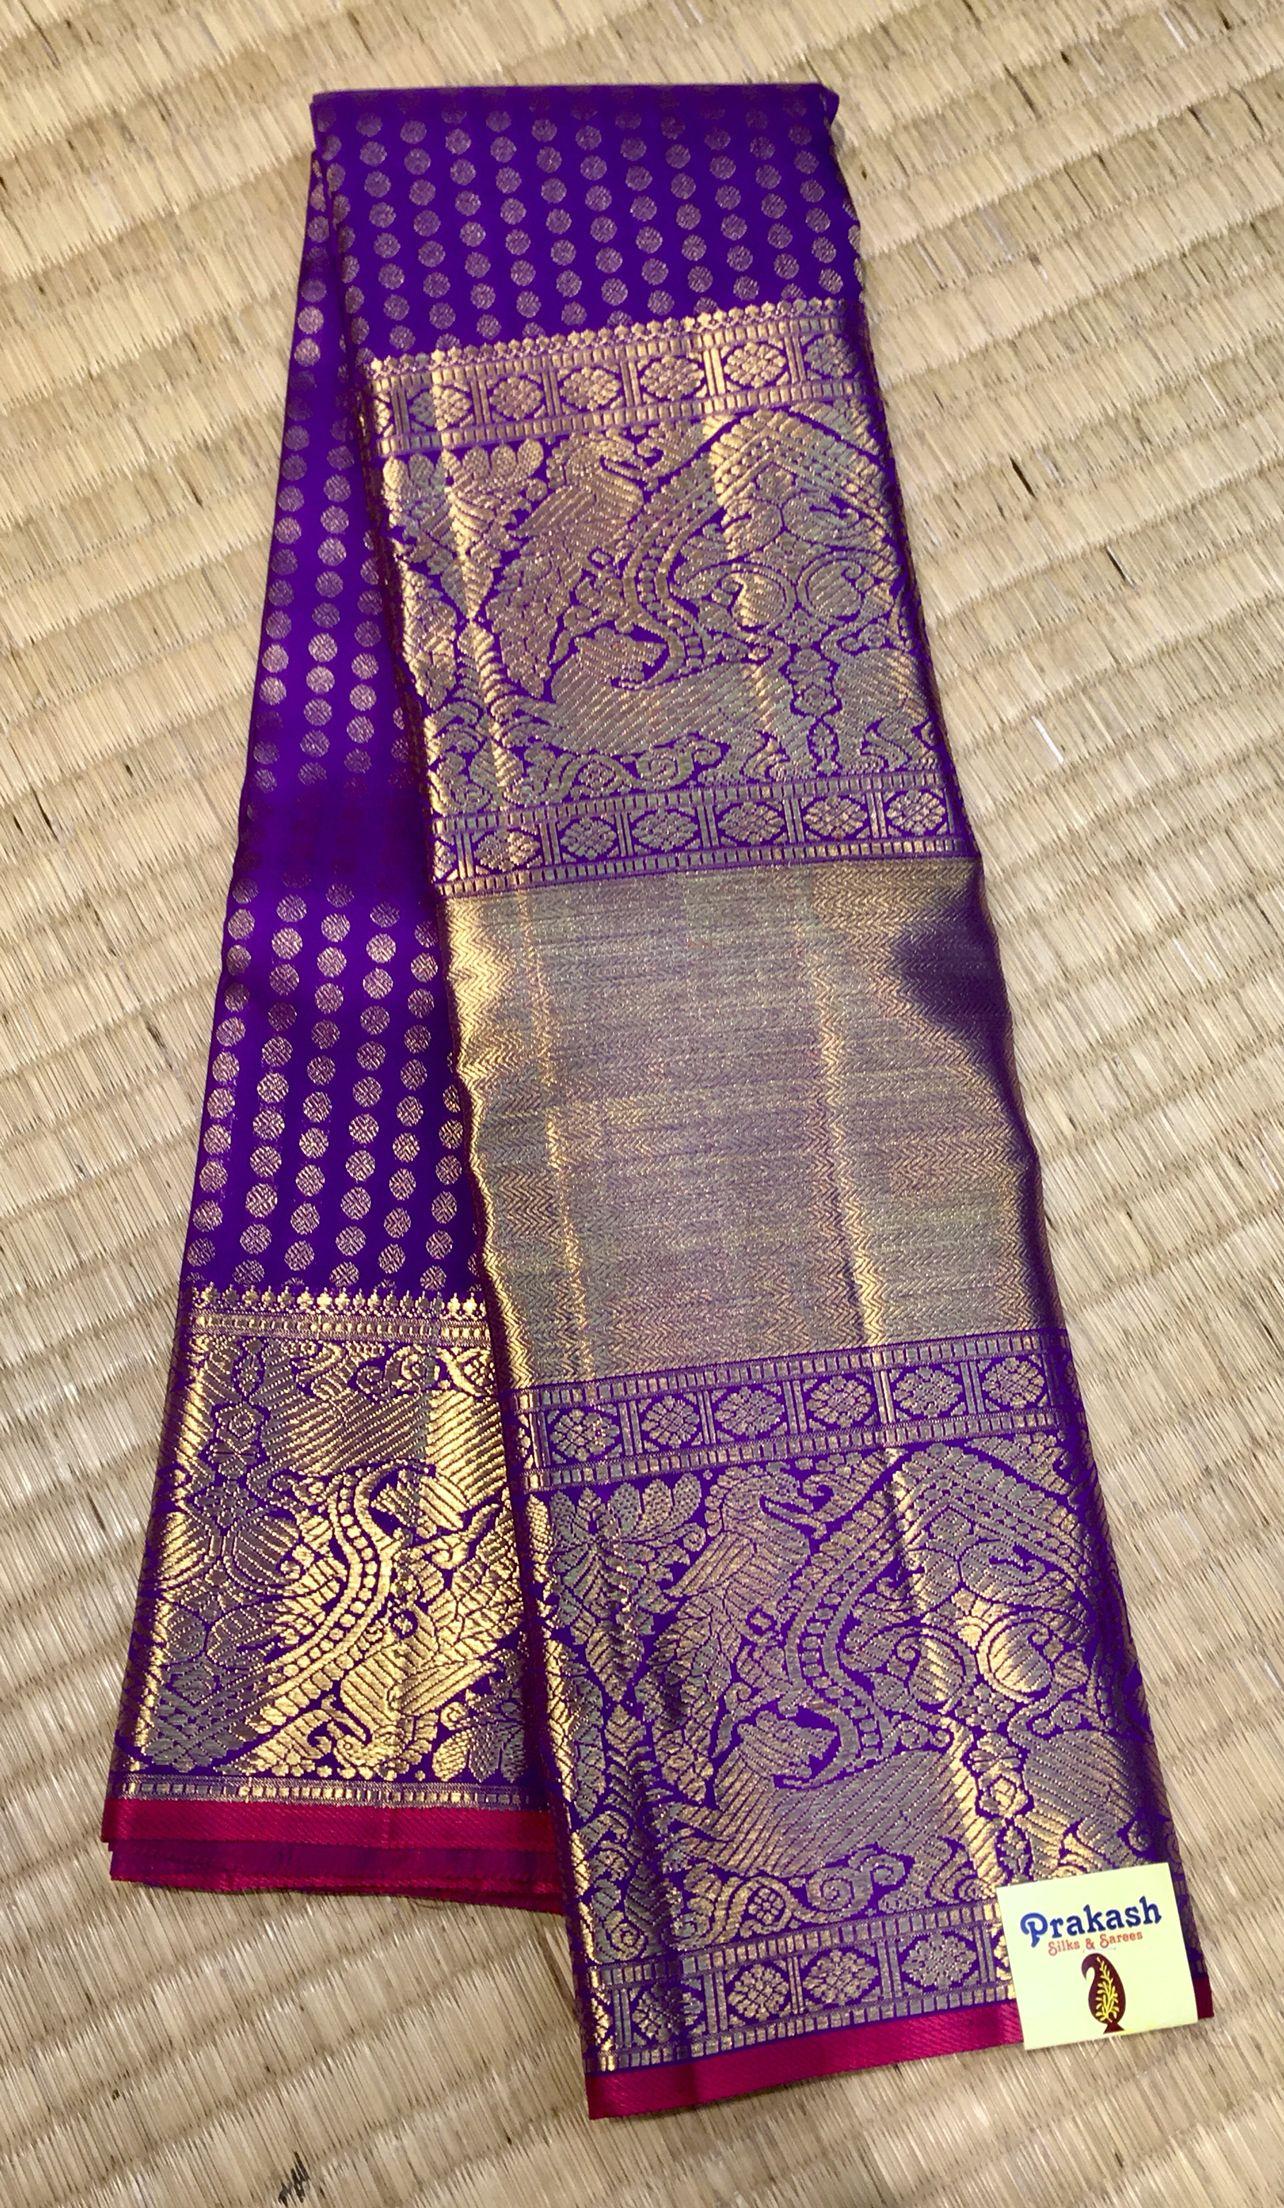 Engagement pattu saree images traditional big border saree from prakashsilks  silk sari